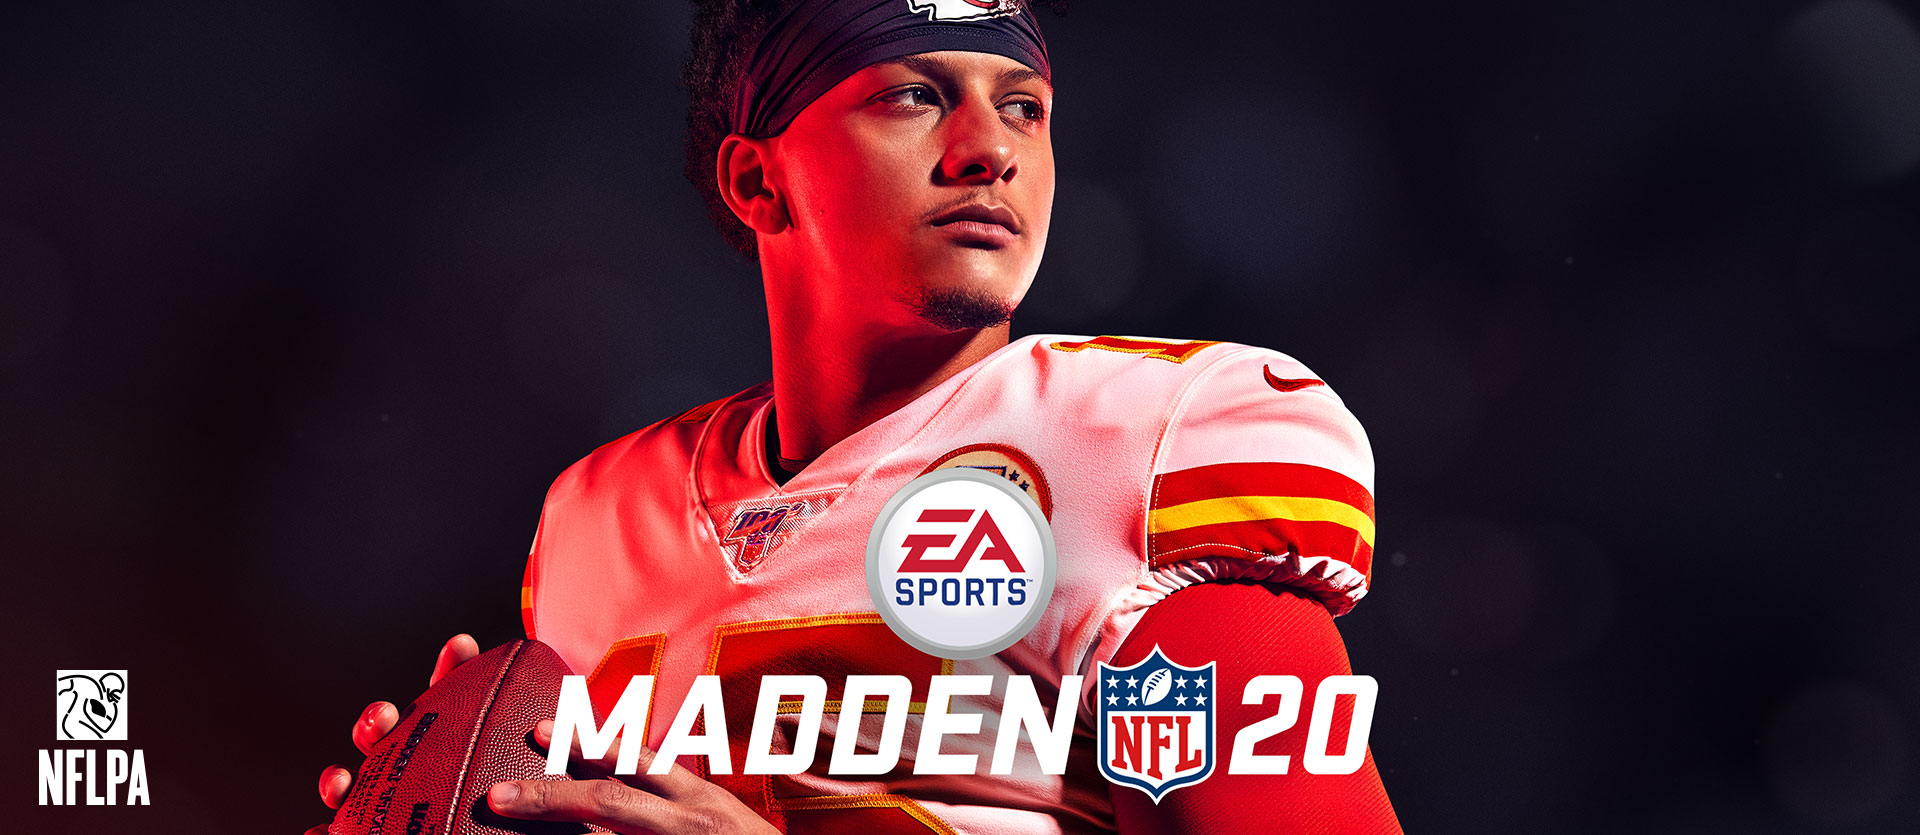 Madden NFL 20, logo NFLPA, giocatore di football americano con maglia e attrezzatura completa ombreggiata di rosso